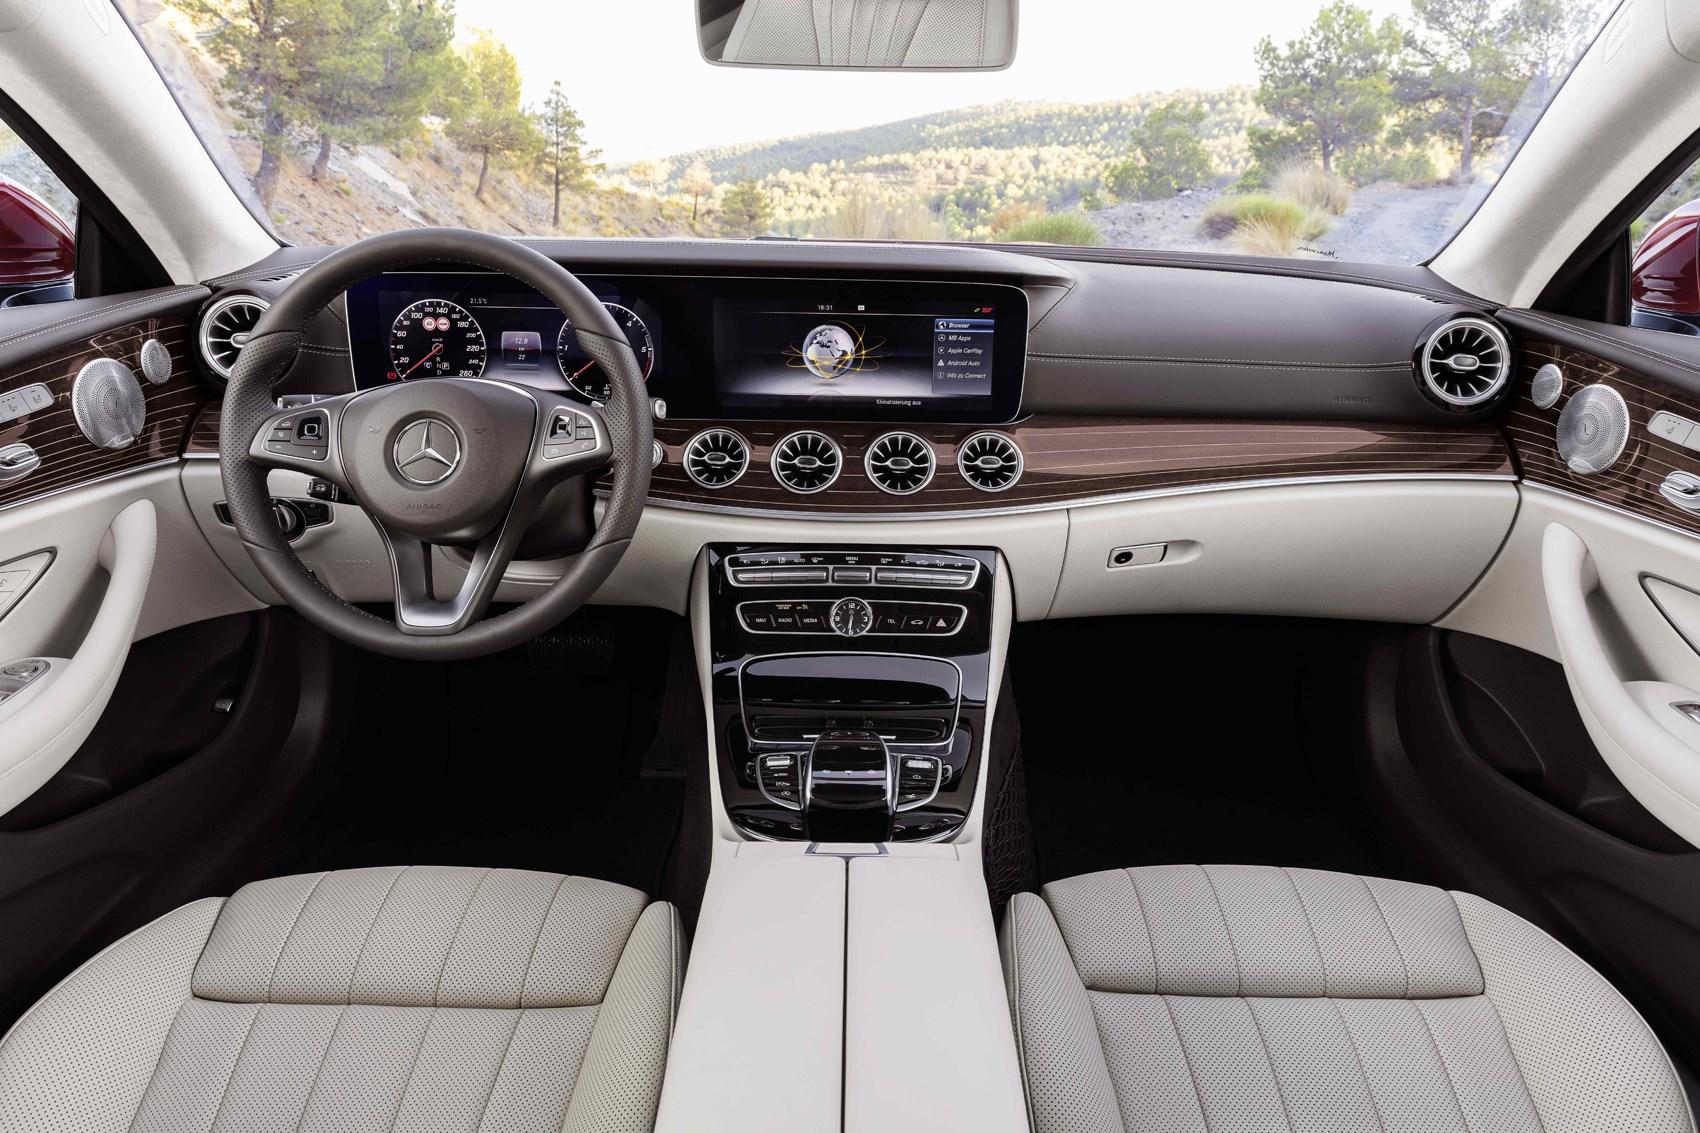 Mercedes Benz 2017 E Cl Coupe Interior Detail